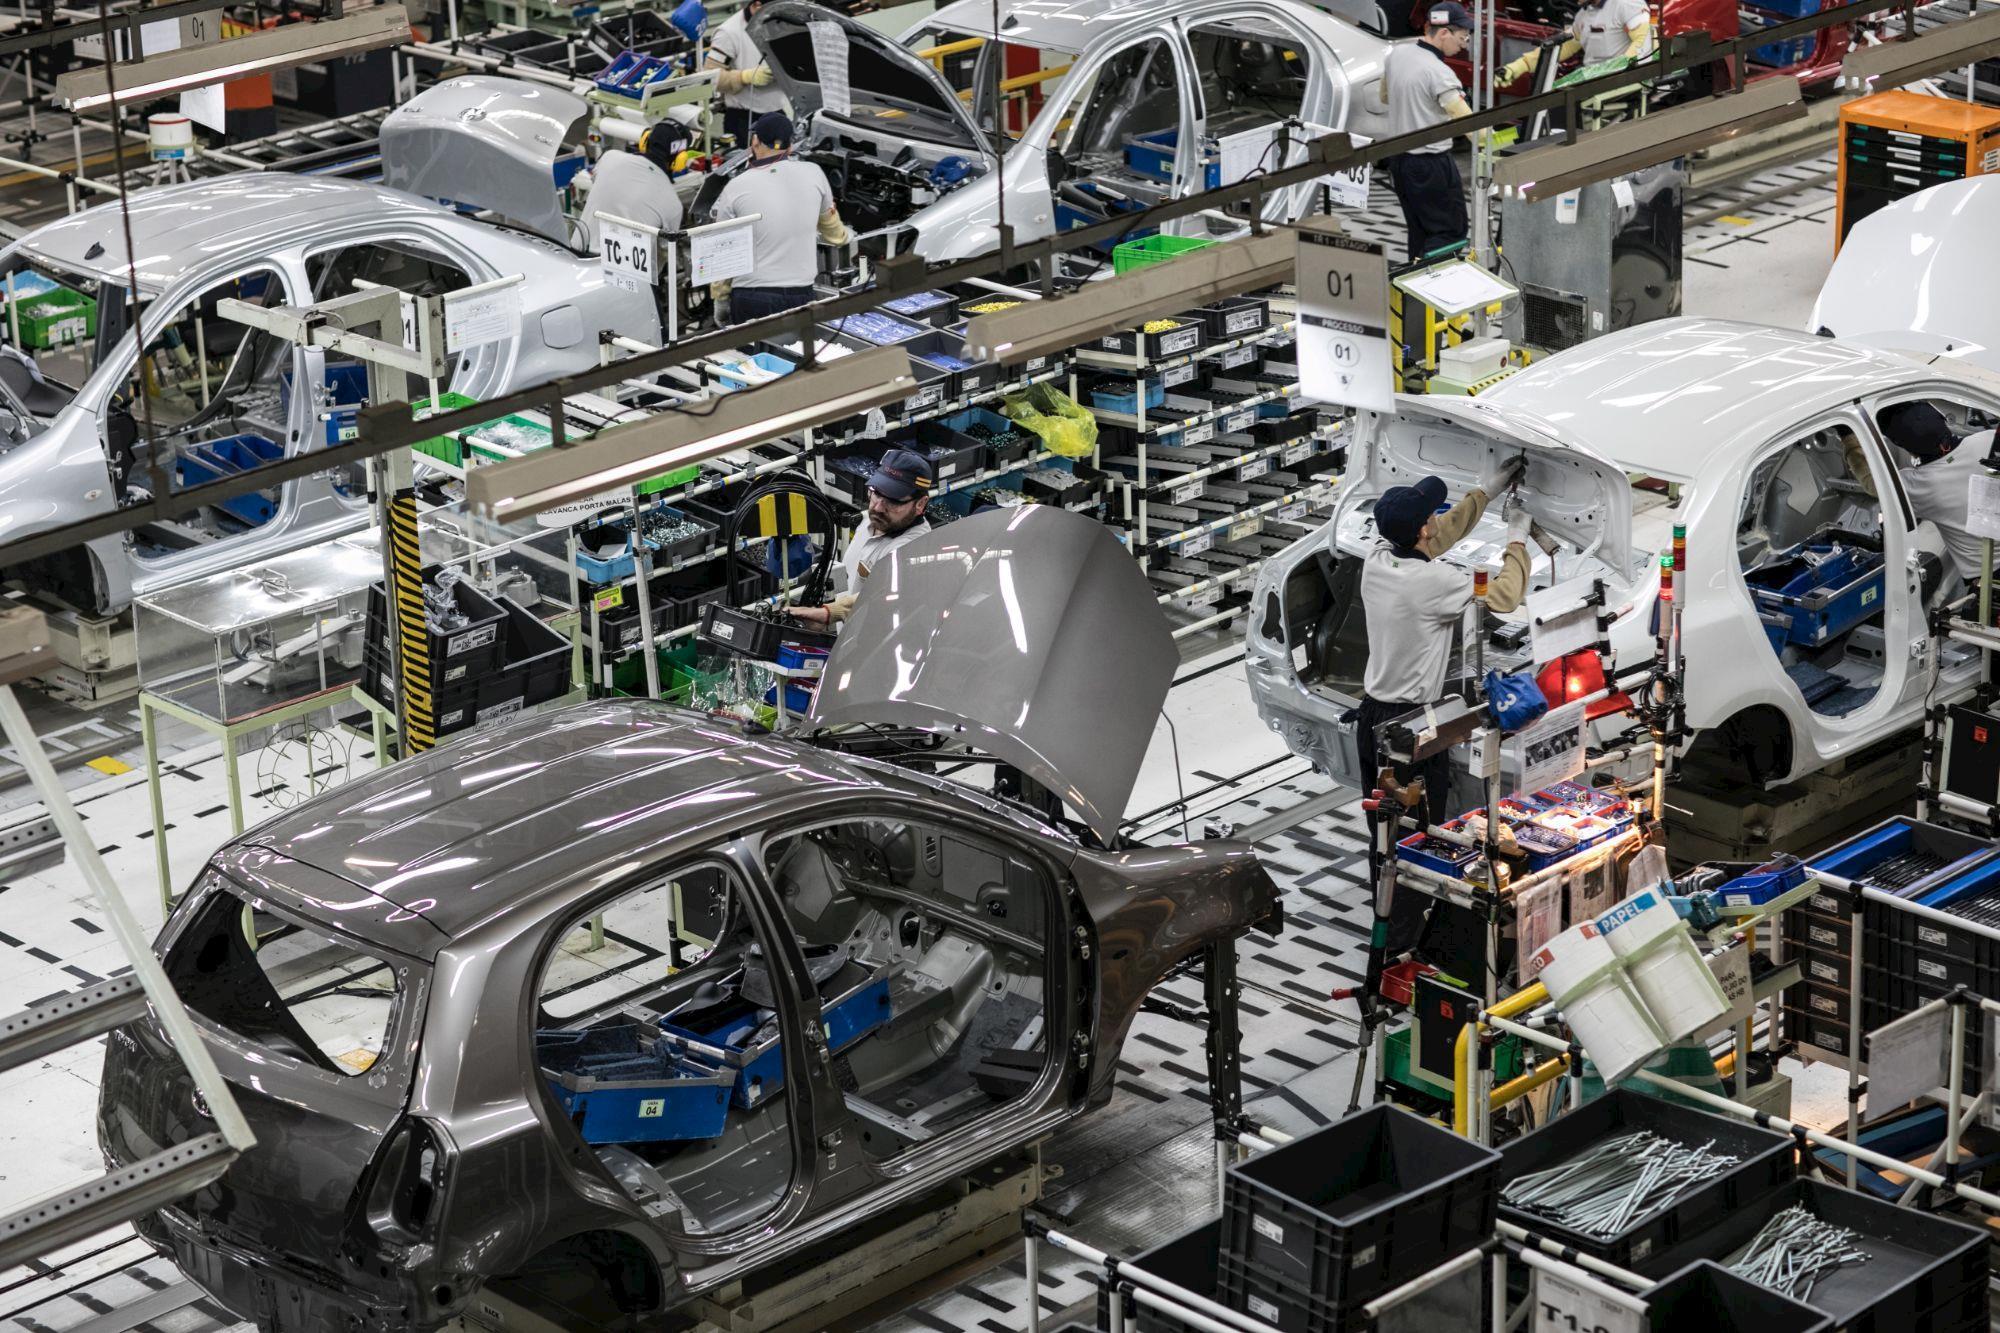 toyota, emprego, turno, sorocaba, montadora, Divulgação Toyota do Brasil (banco de imagens)